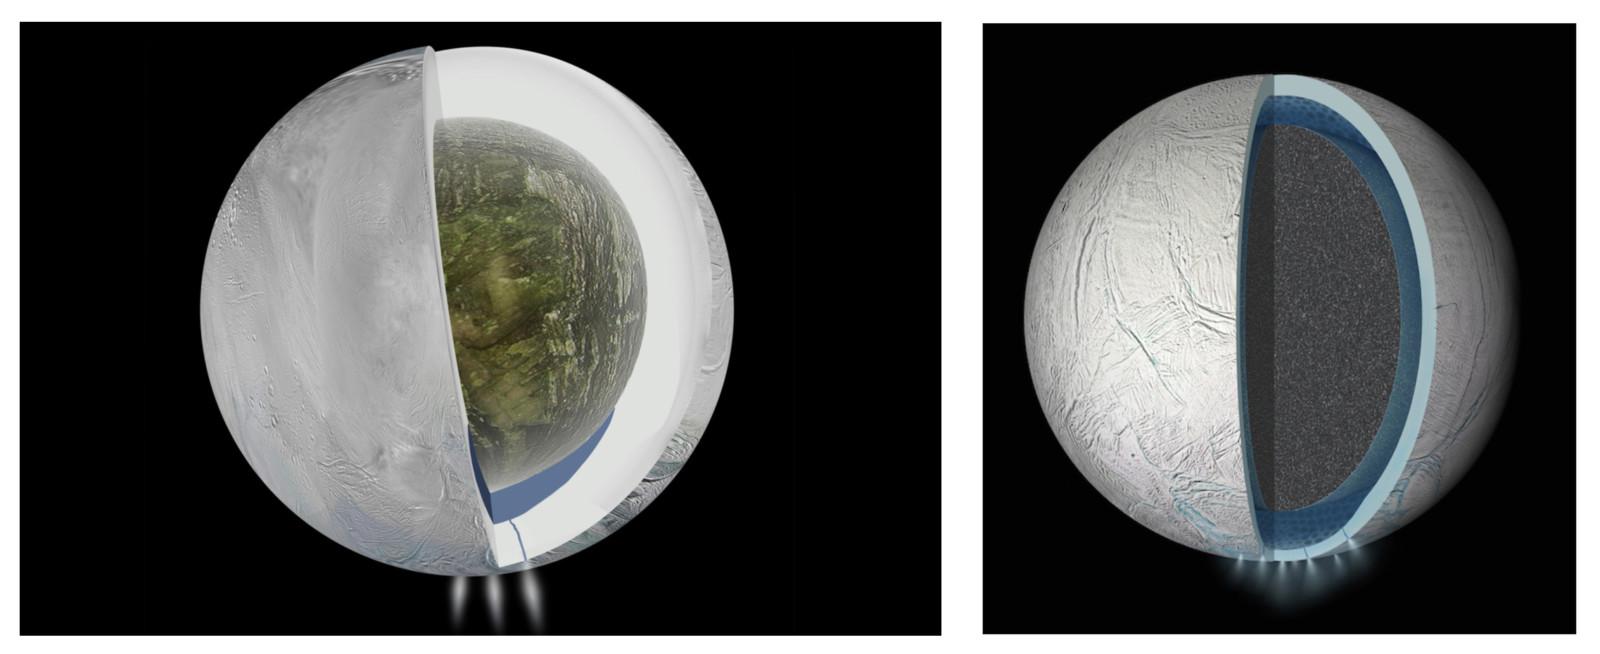 Models of Enceladus